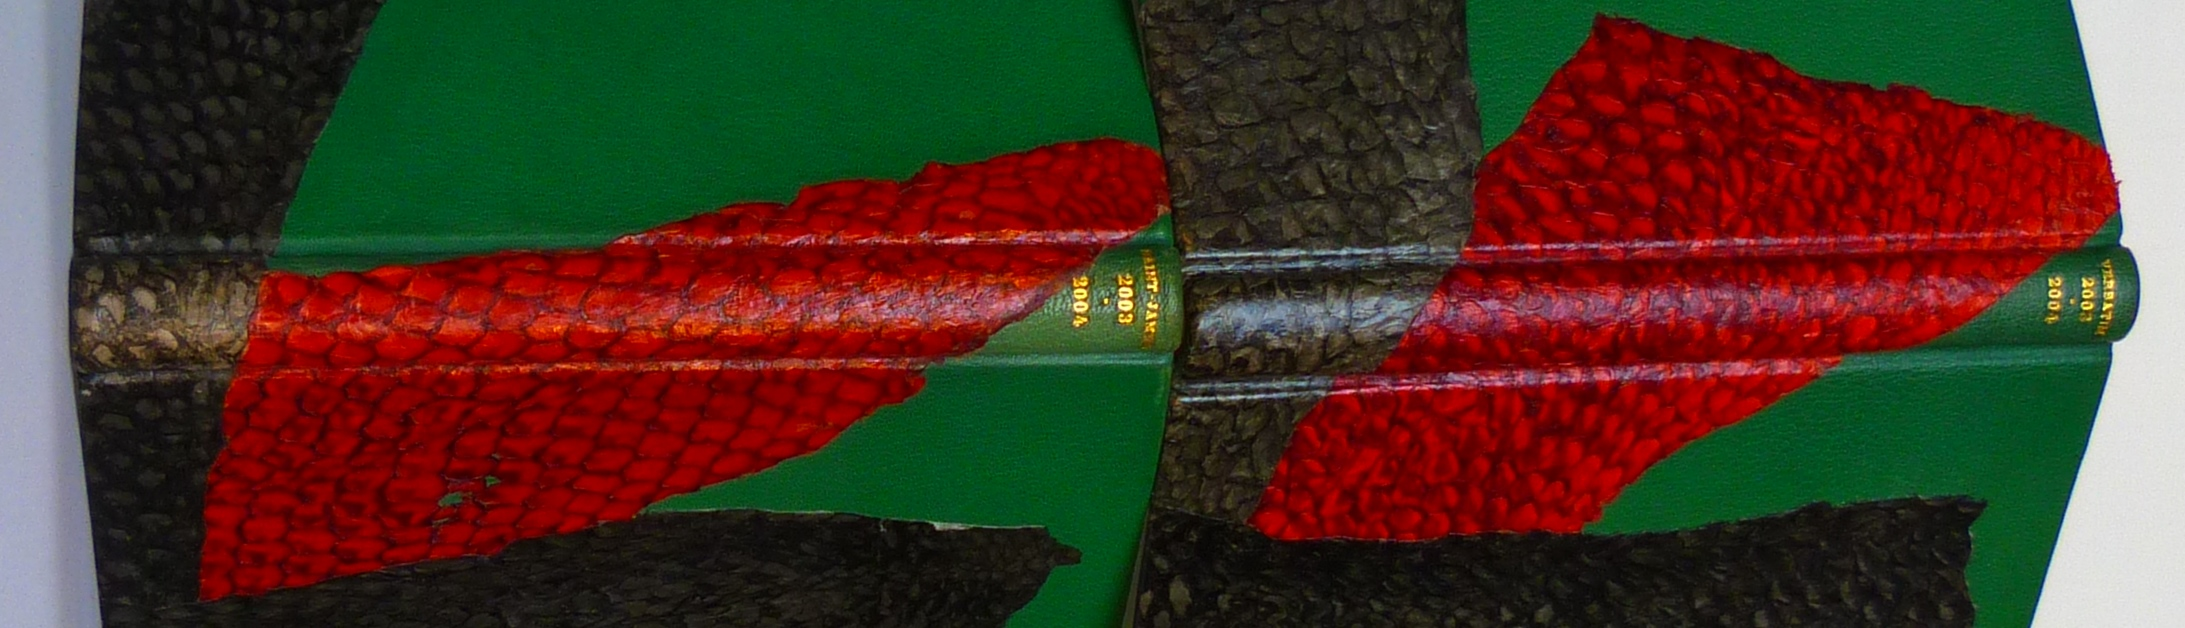 Carnets de notes (2003-2004), dos.